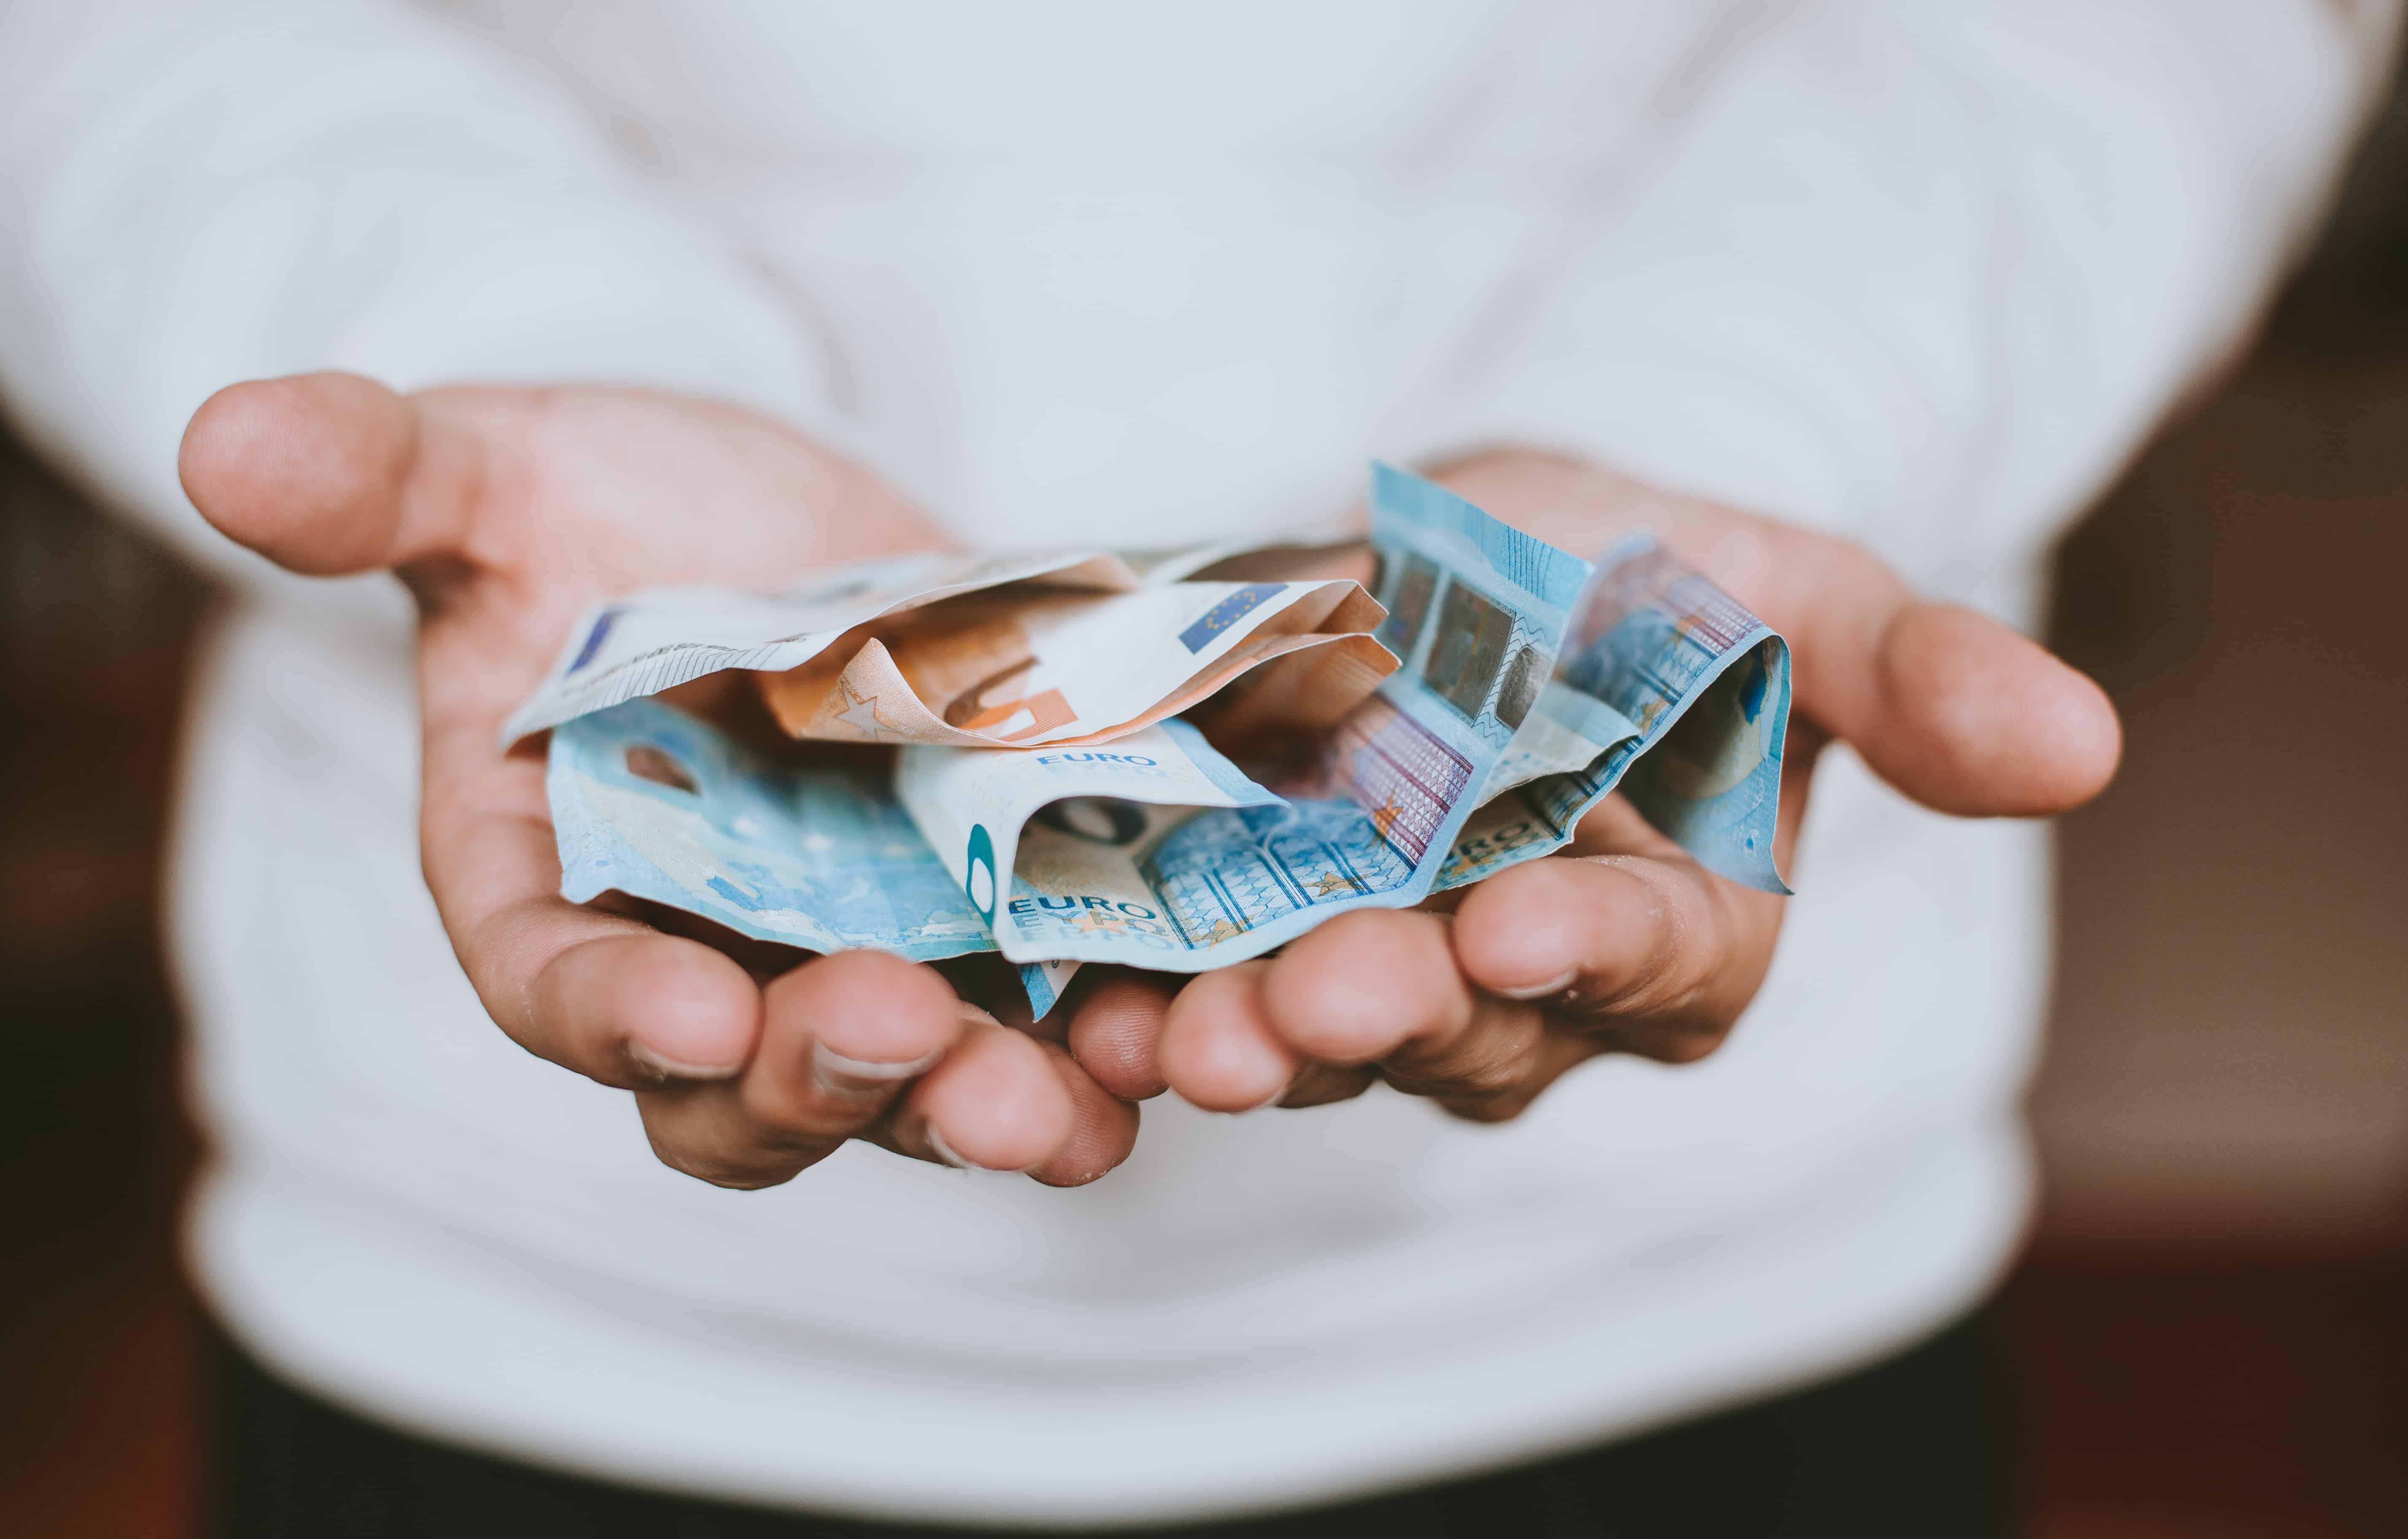 cele mai profitabile câștiguri din rețea câștigați fără investiții rapid